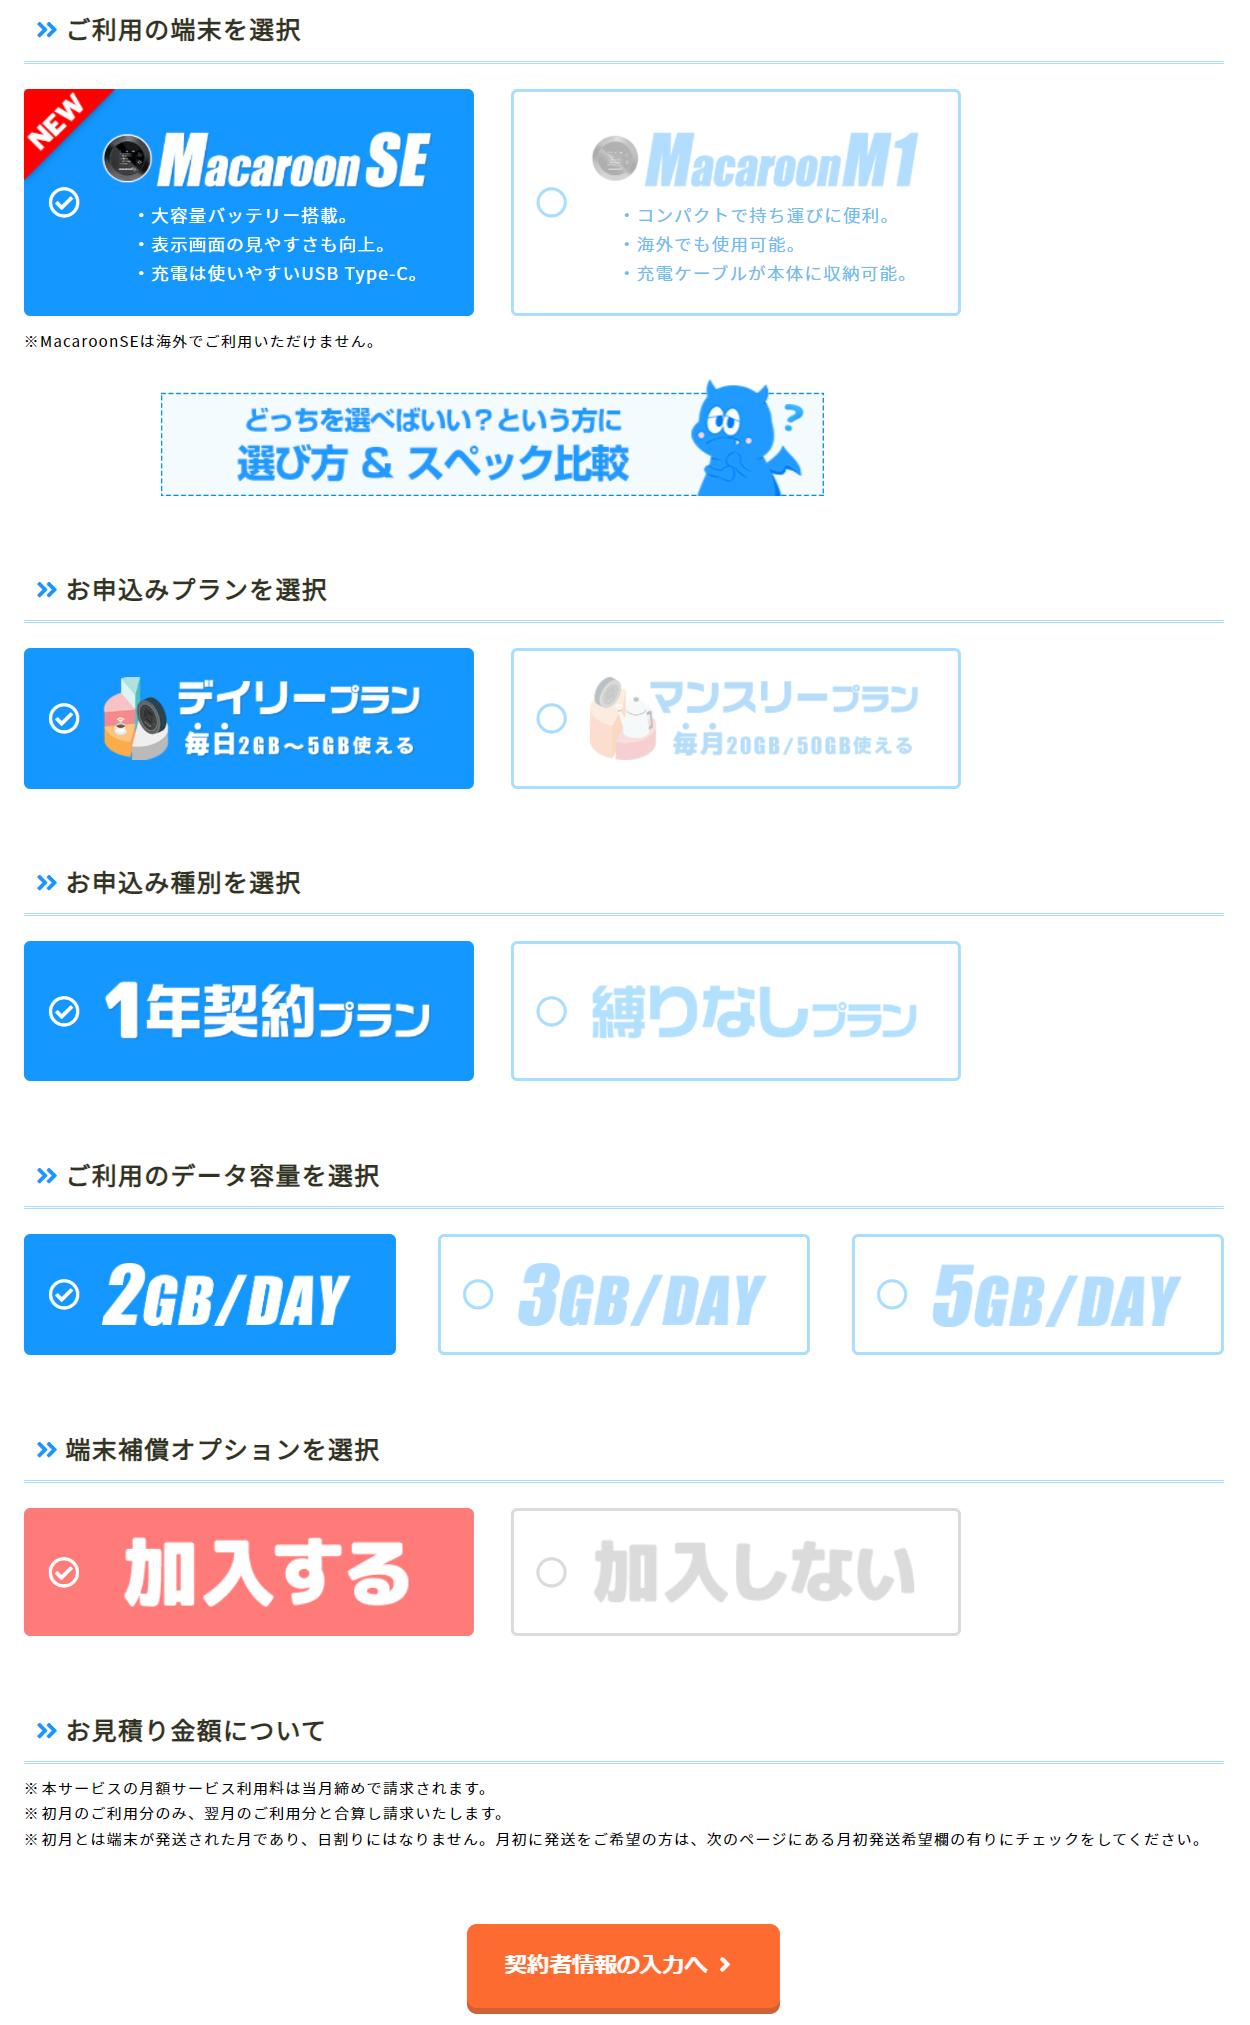 MONSTER MOBILE 申し込みフォーム1